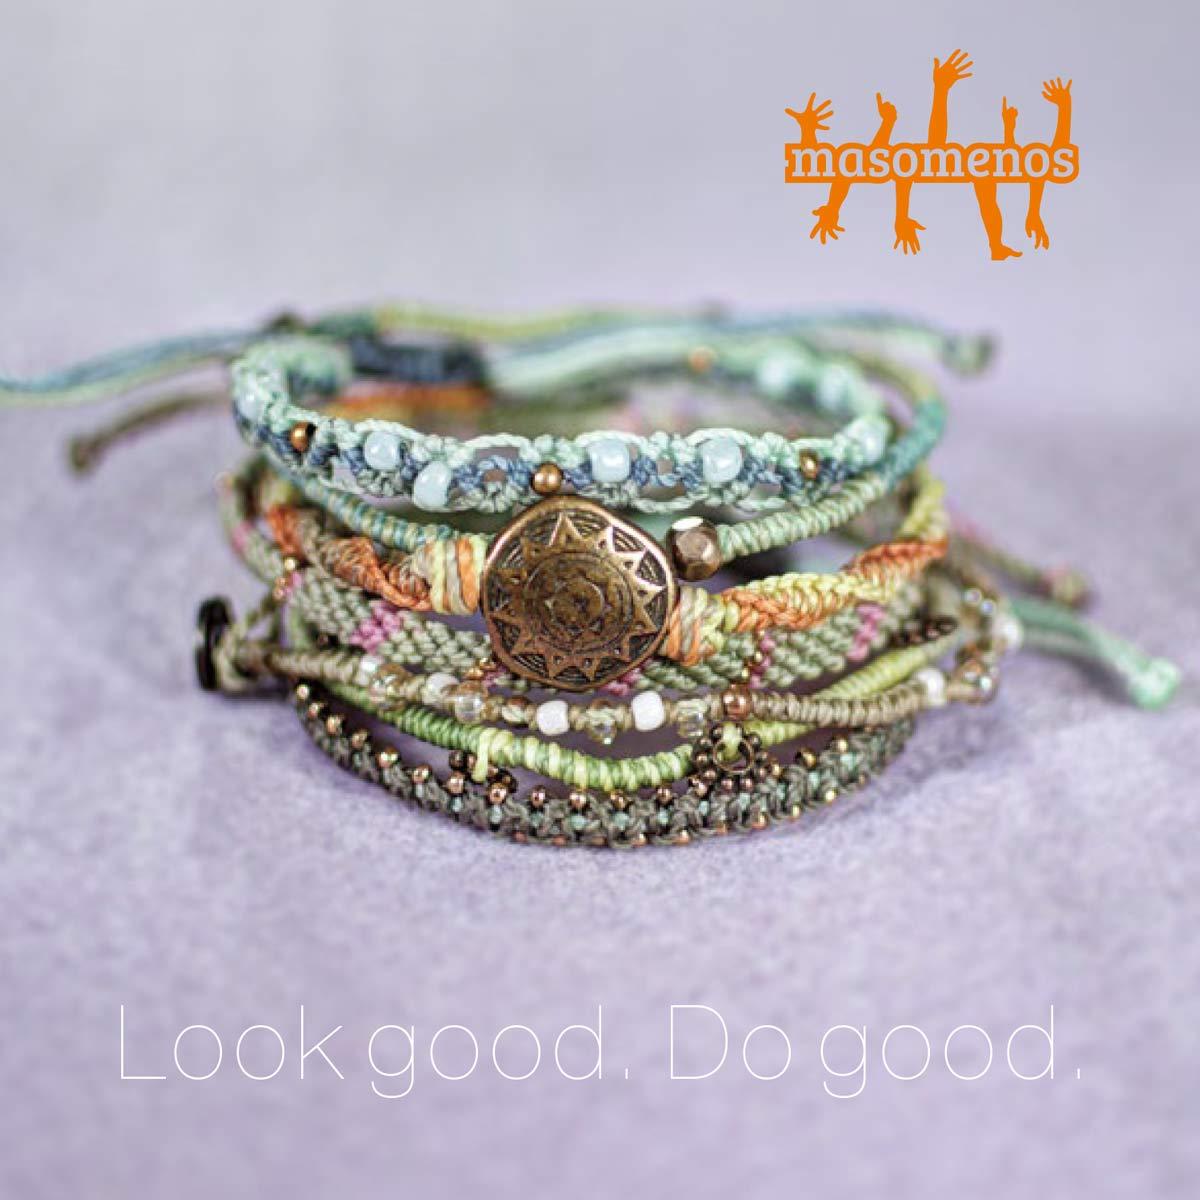 Masomenos AB - Look good. Do good. Smycken som inspirerar dig, och som förändrar livet för dem som gör dem.